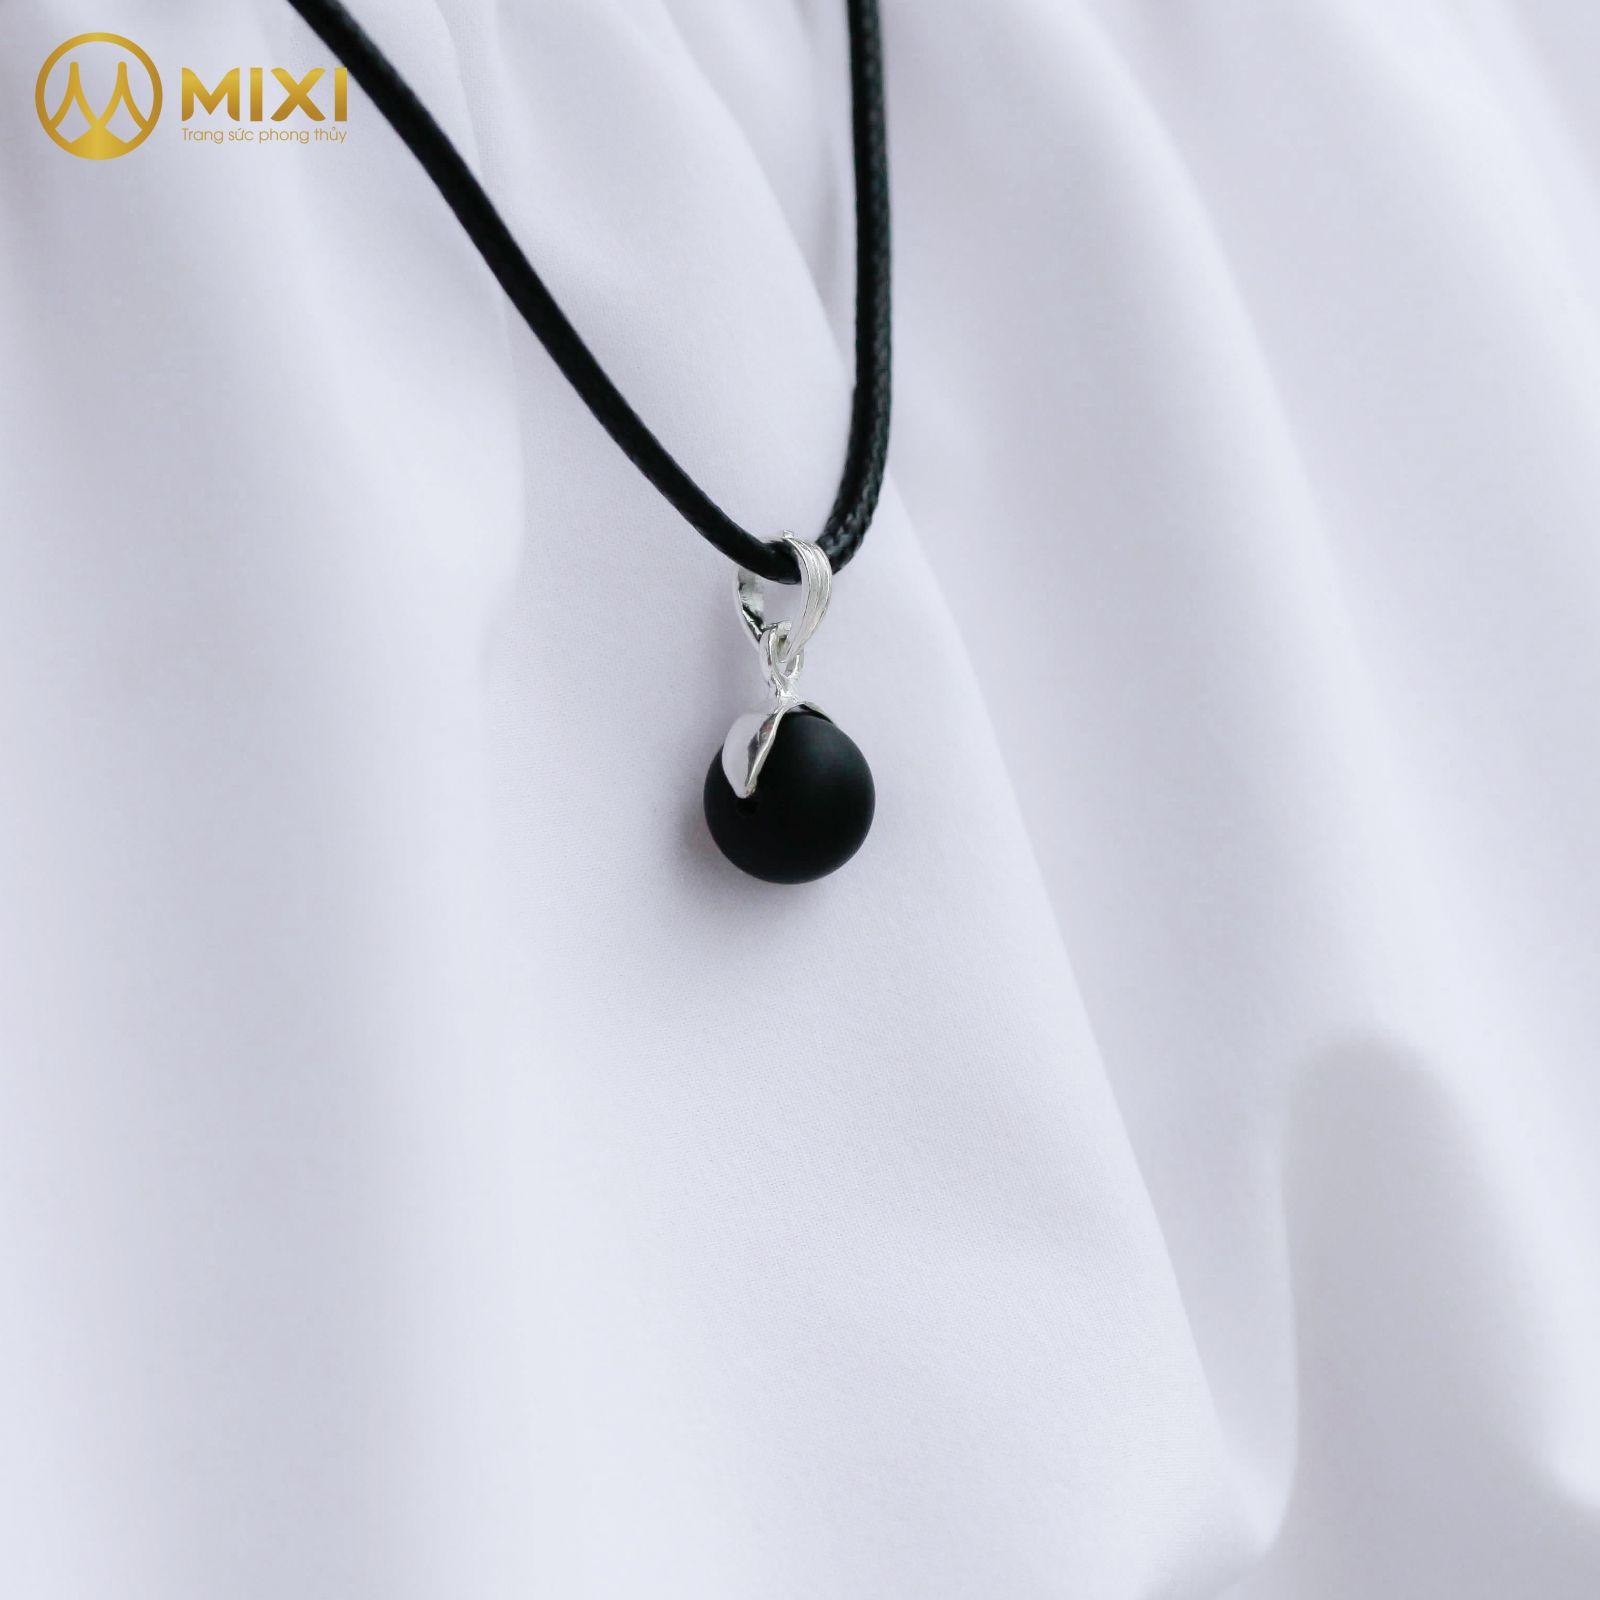 Dây Chuyền Hạt Đá Núi Lửa Obsidian Nhám 10 Móc Hạt Chanh